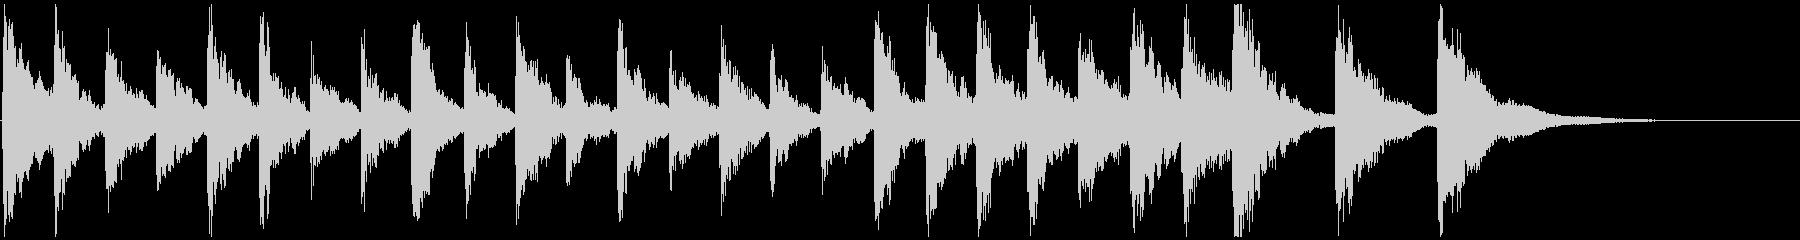 ピチカートのクラシックな短いジングル1の未再生の波形